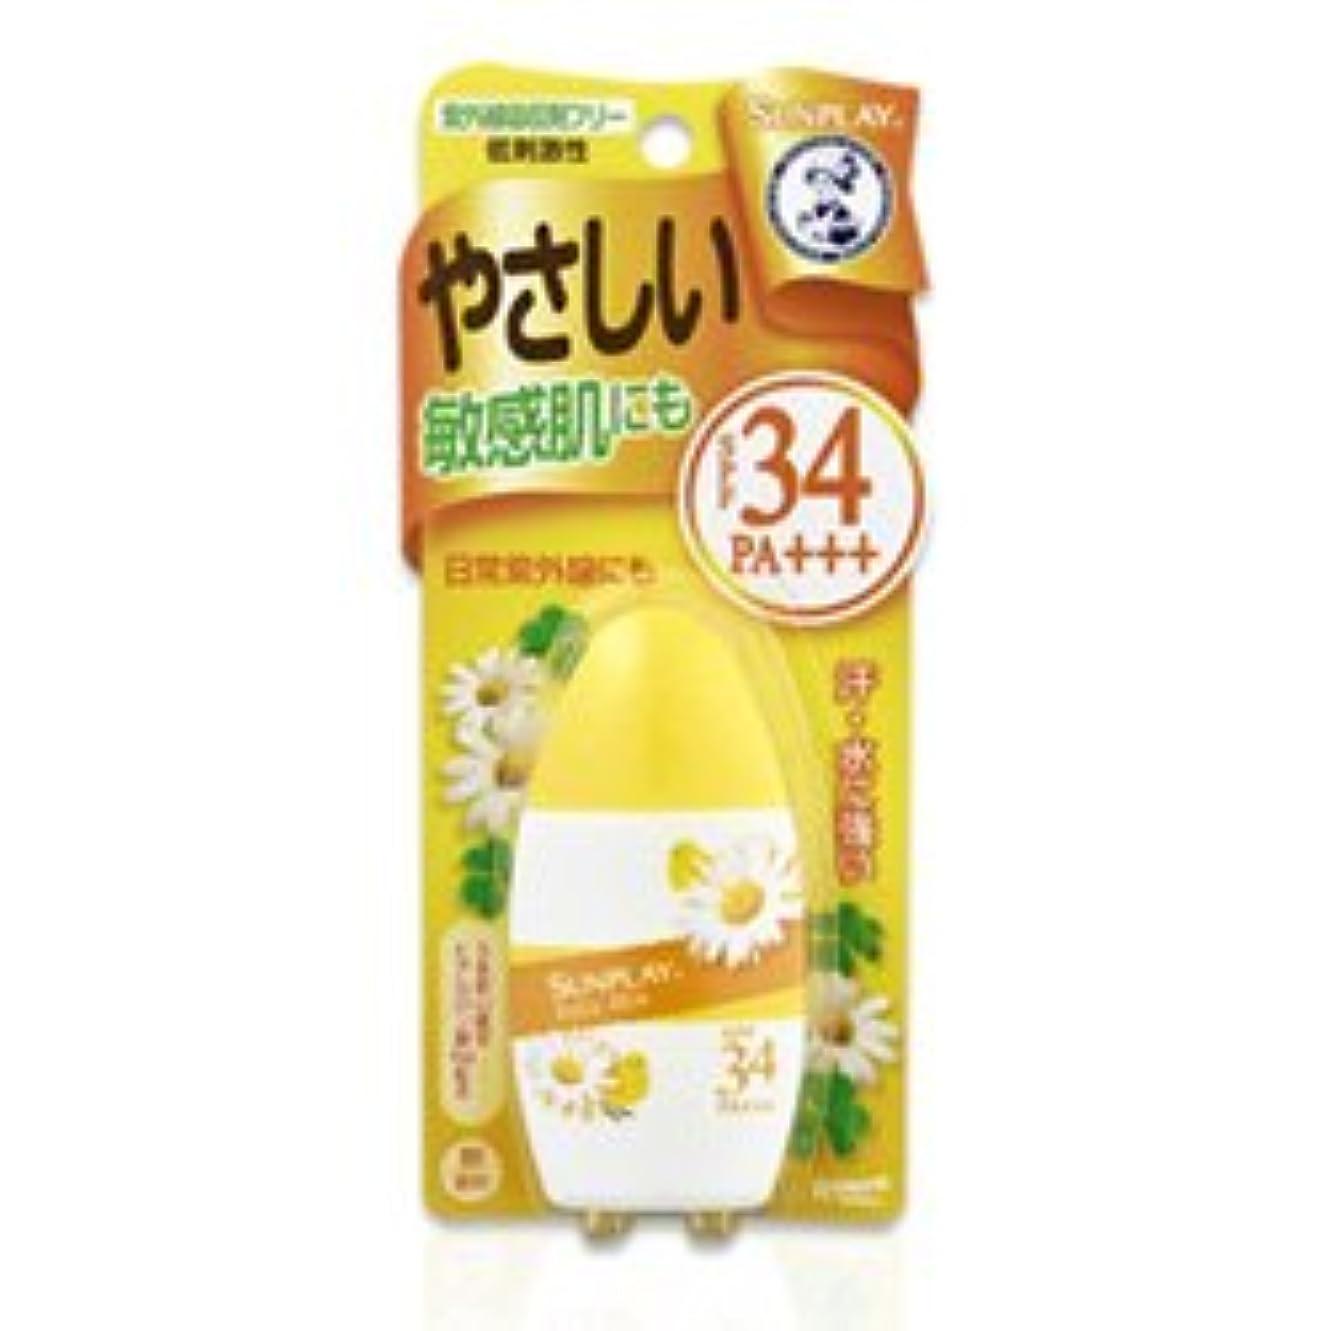 適格懺悔闘争【ロート製薬】メンソレータム サンプレイ ベビーミルク 30g ×20個セット